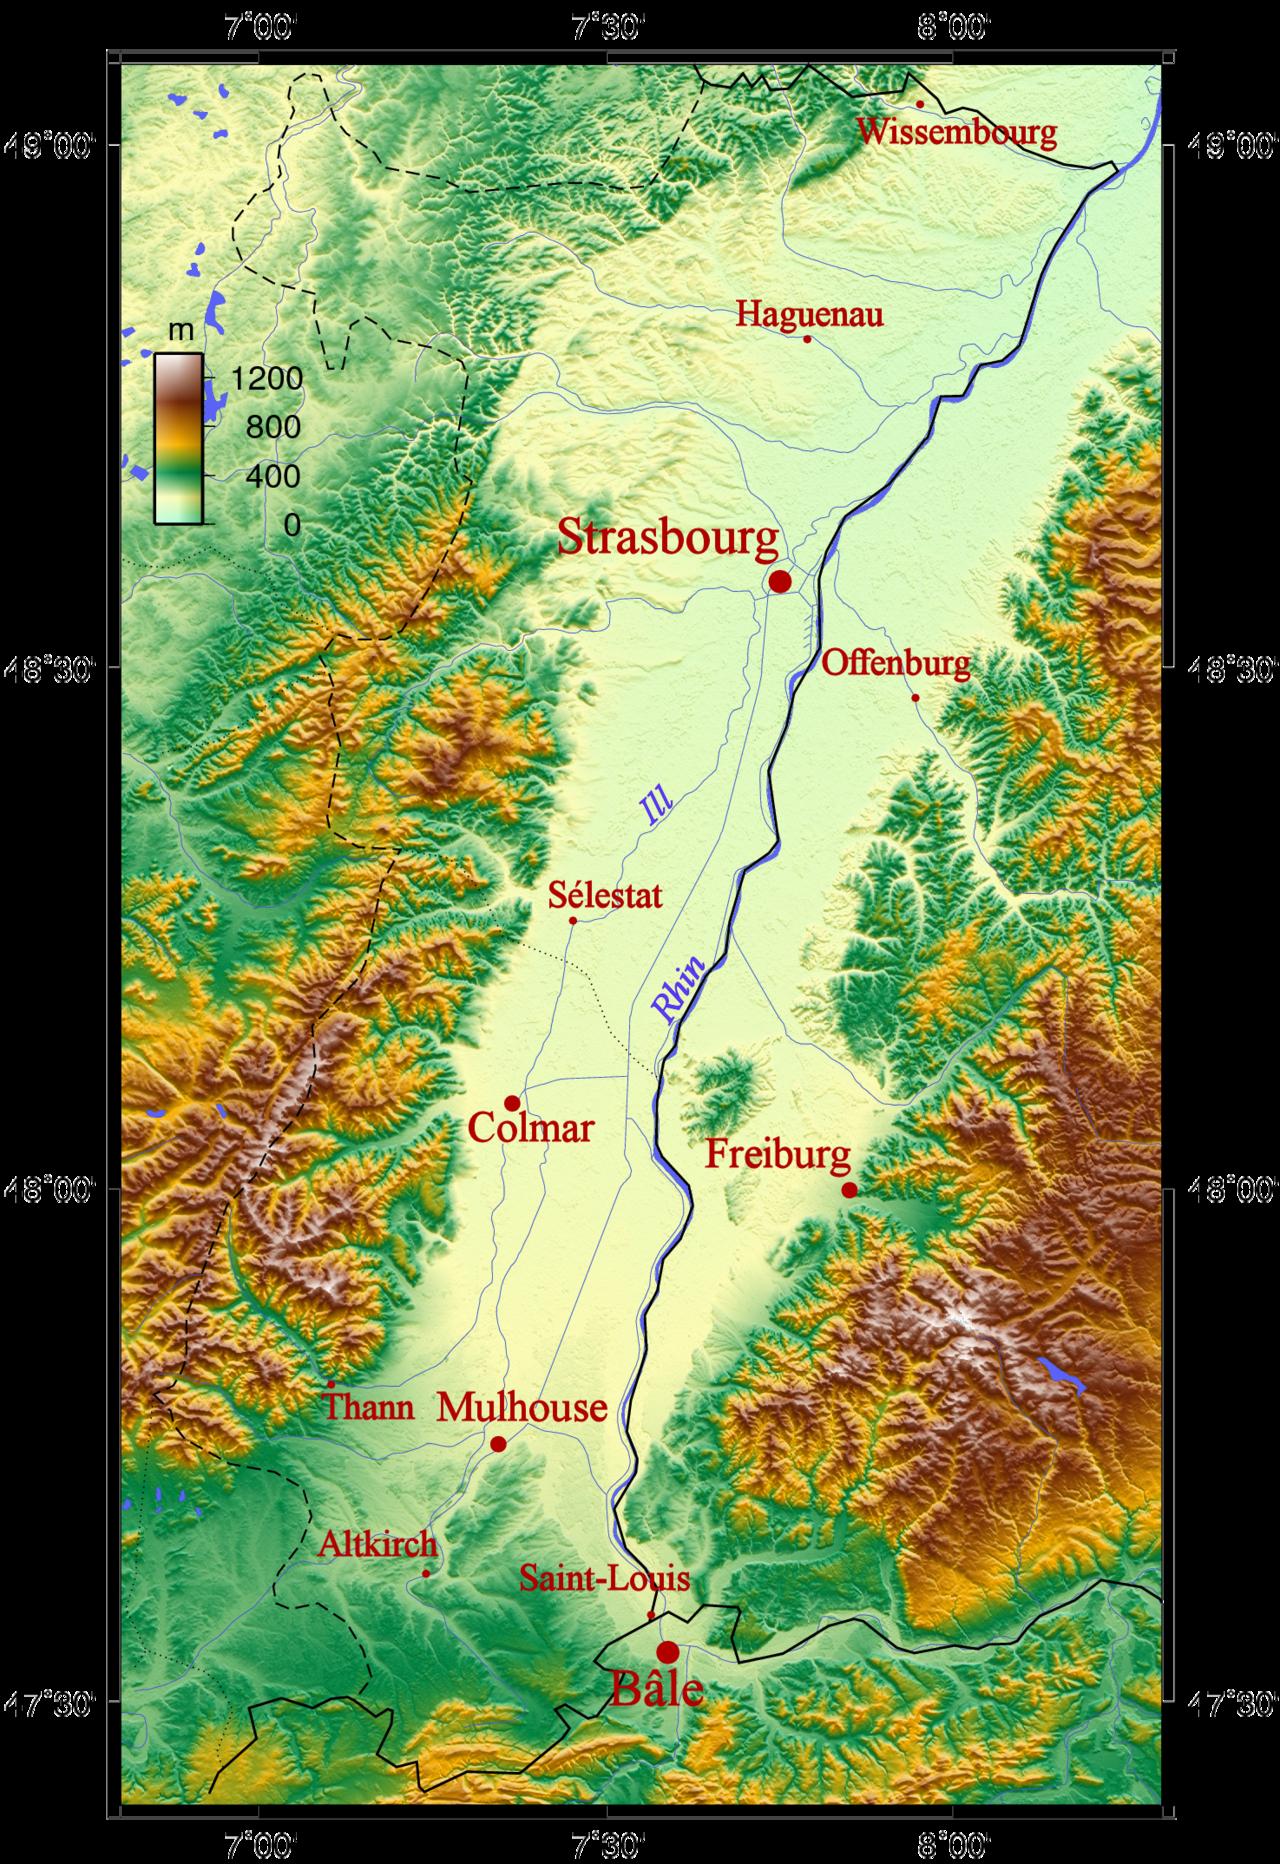 illustration couleur du relief du bassin rhénan entouré des Vosges et de la Forêt Noire. Les principales villes sont mentionnées.